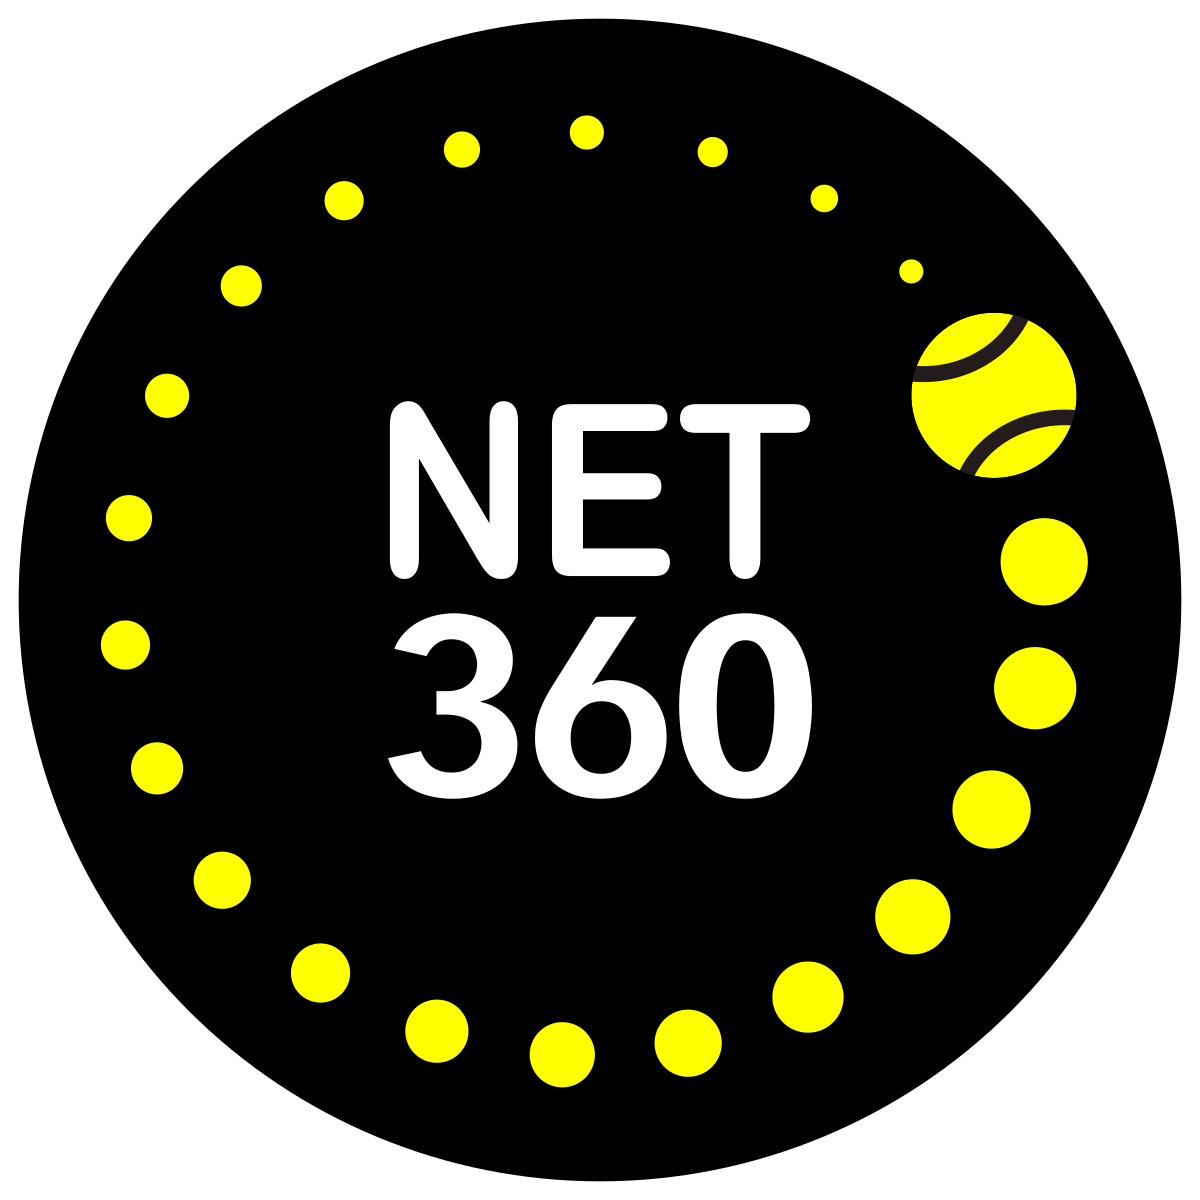 NET 360 CIC